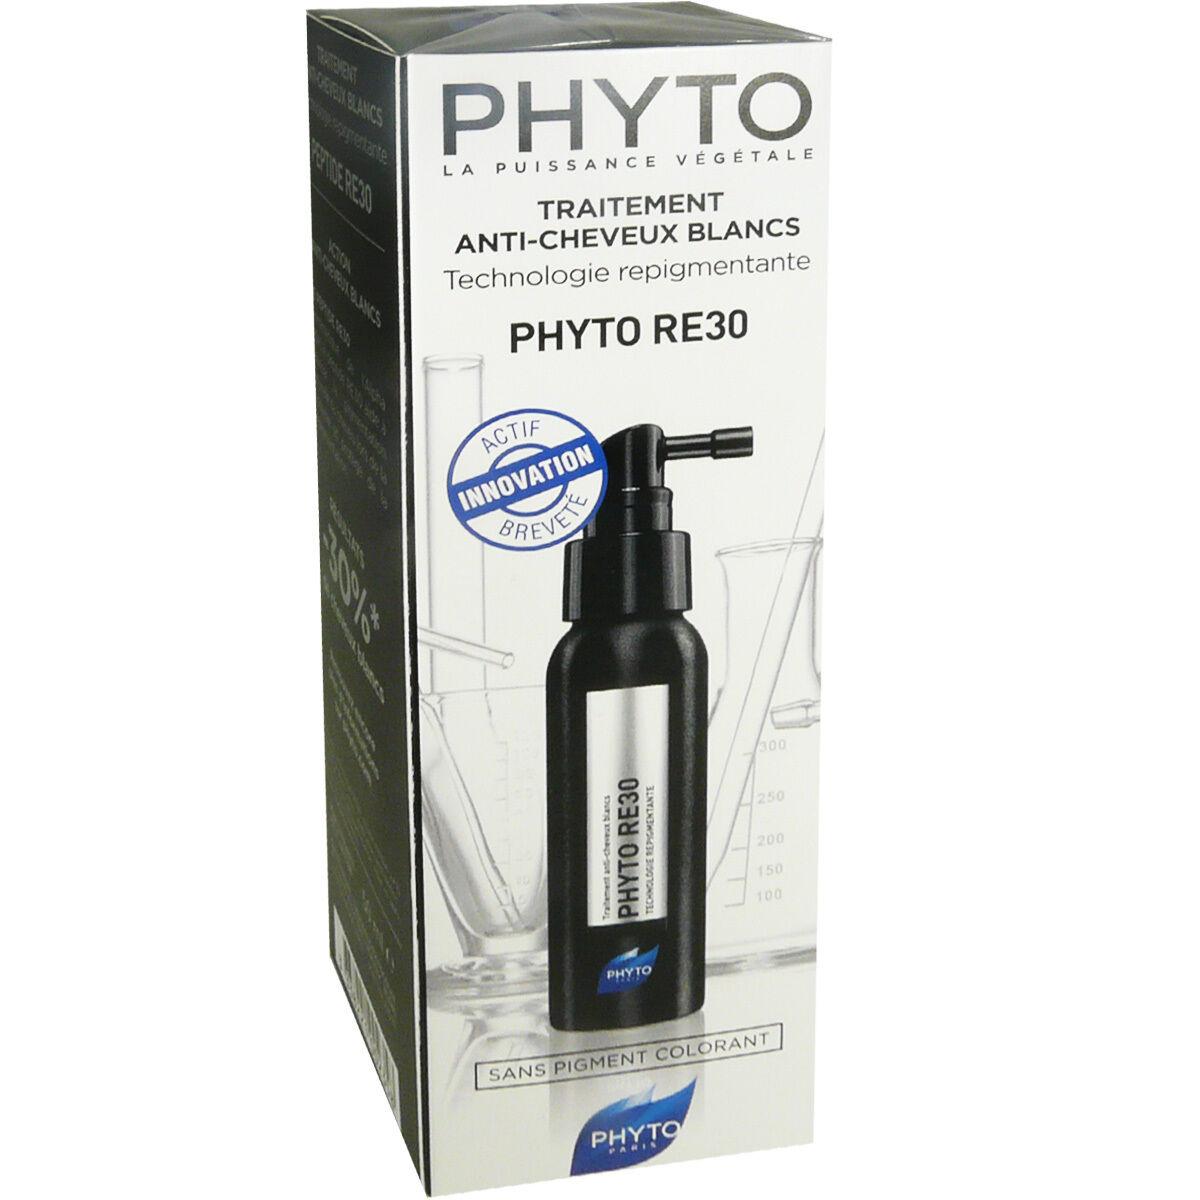 PHYTOSOLBA Phyto traitement anti-cheveux blancs phyto re30 50 ml